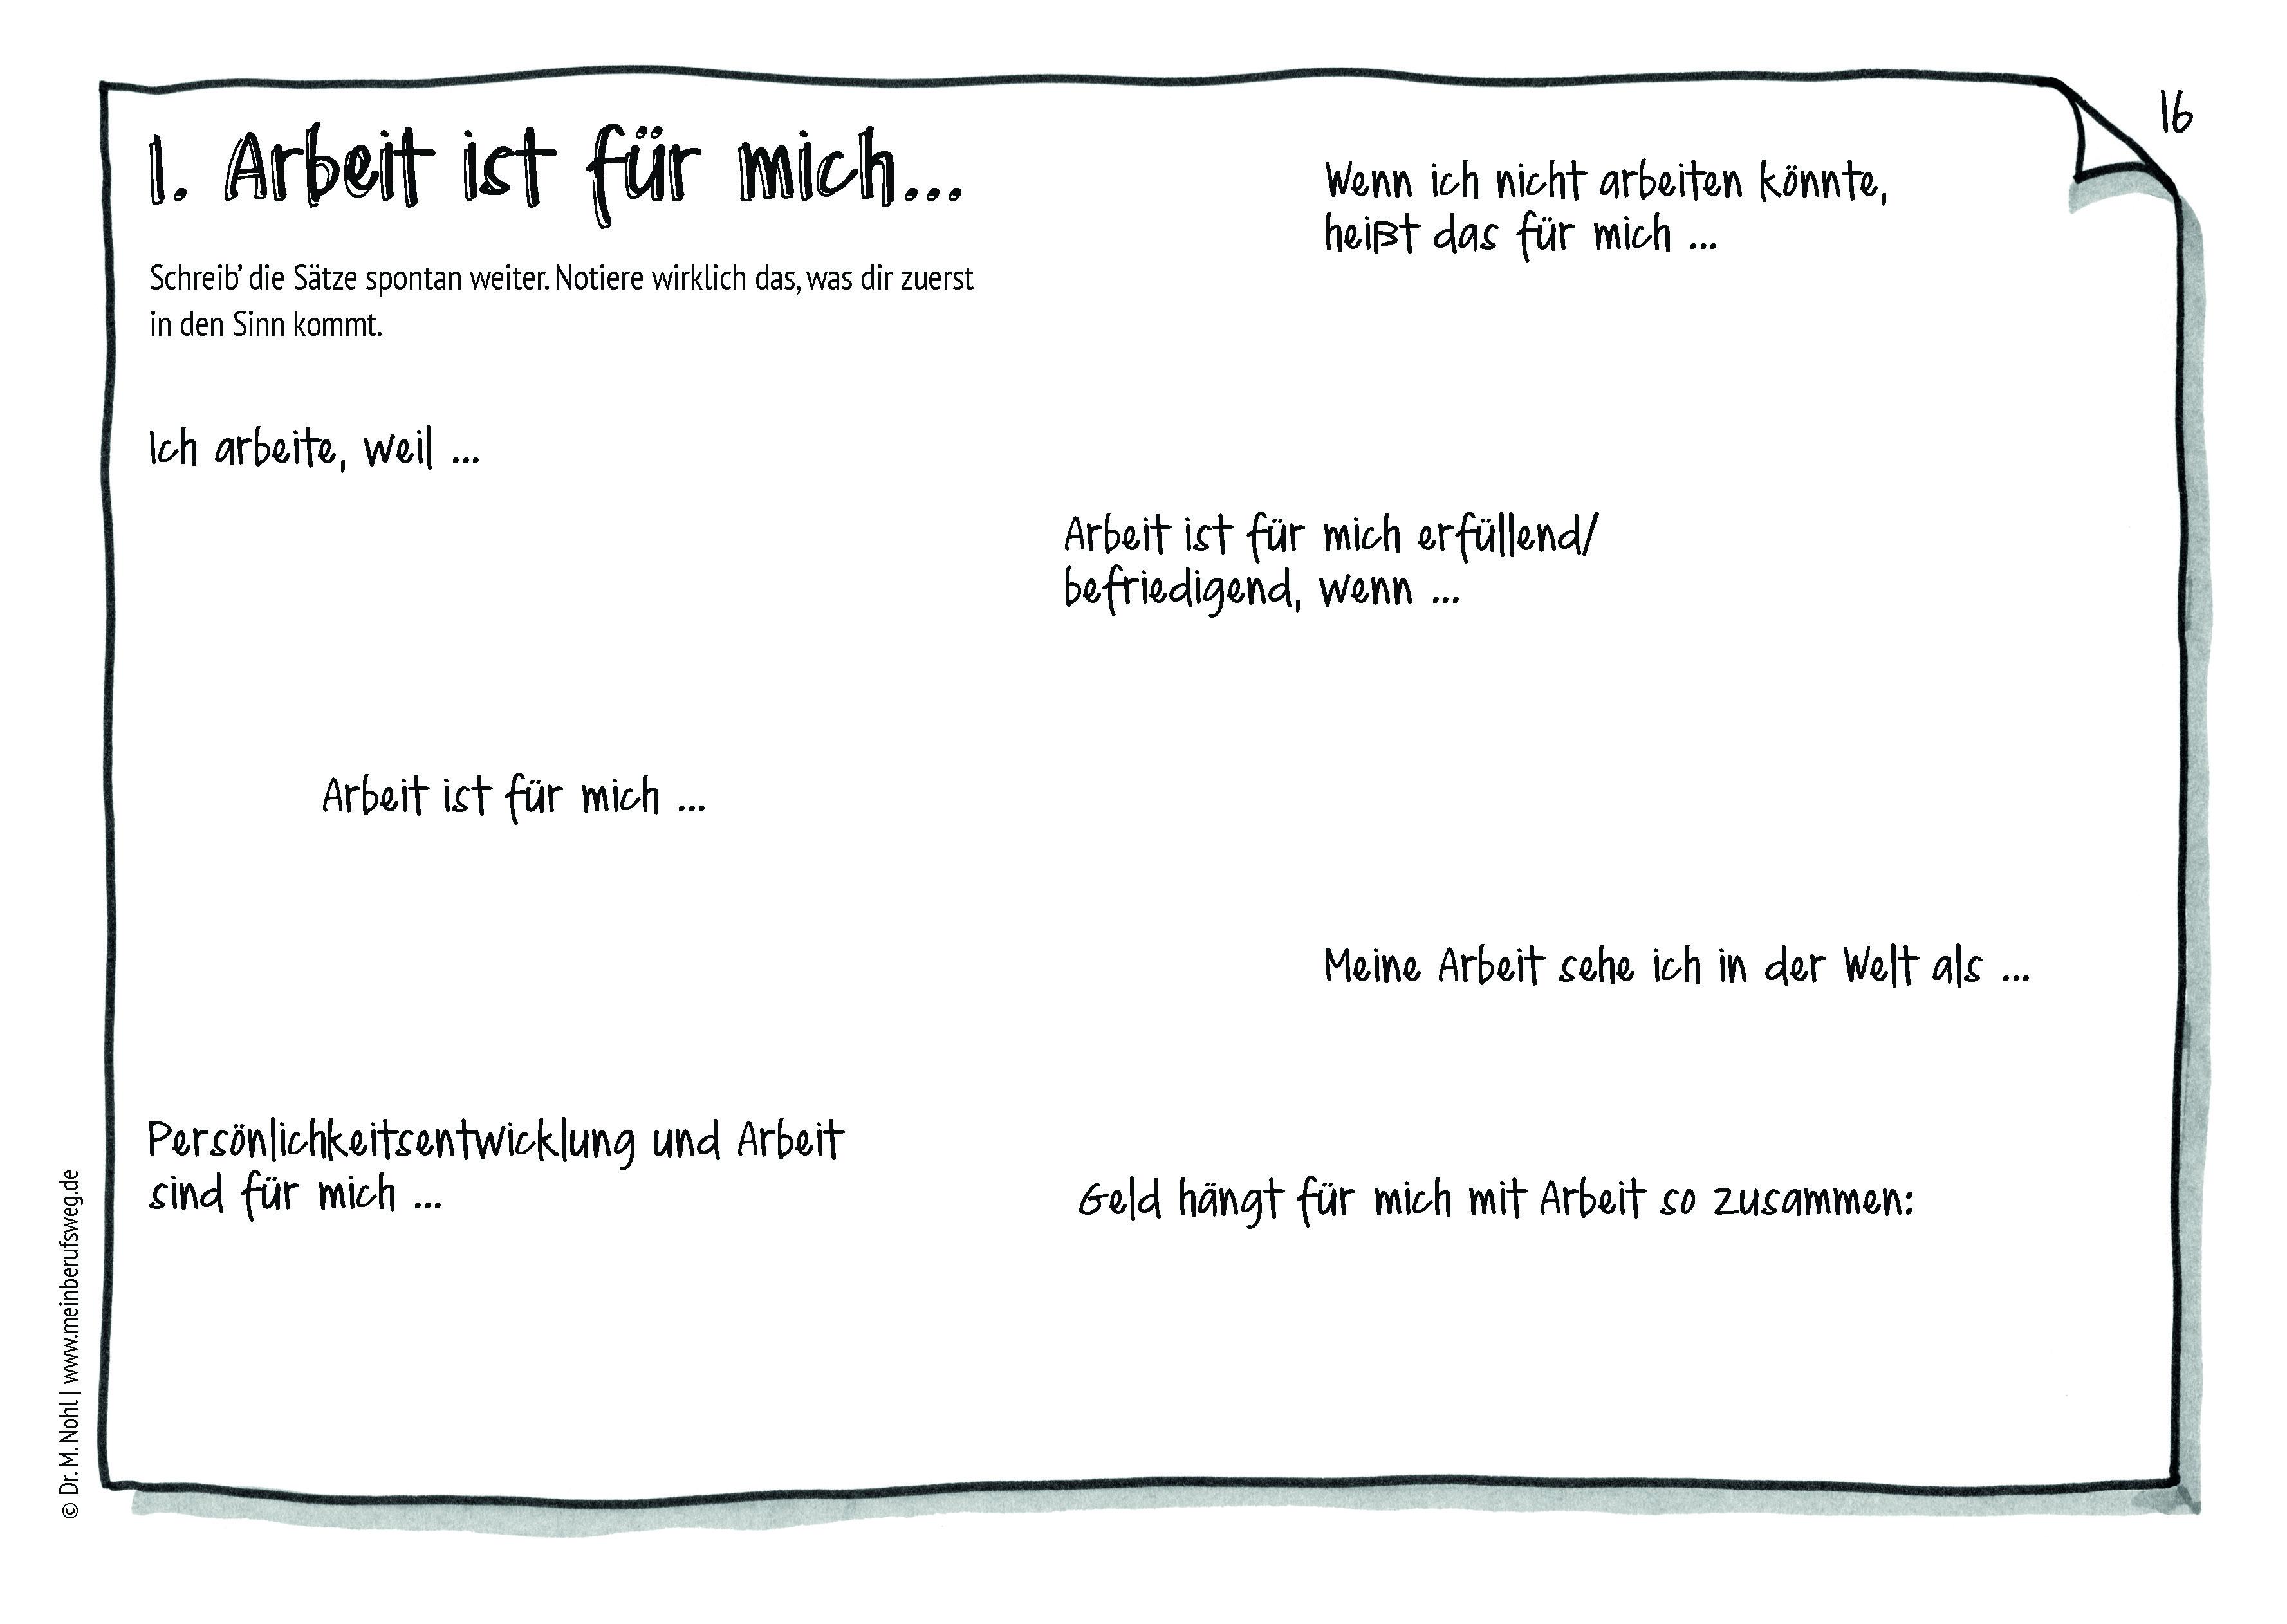 Berühmt Weiter Zur Jobbeschreibung Galerie - Entry Level Resume ...